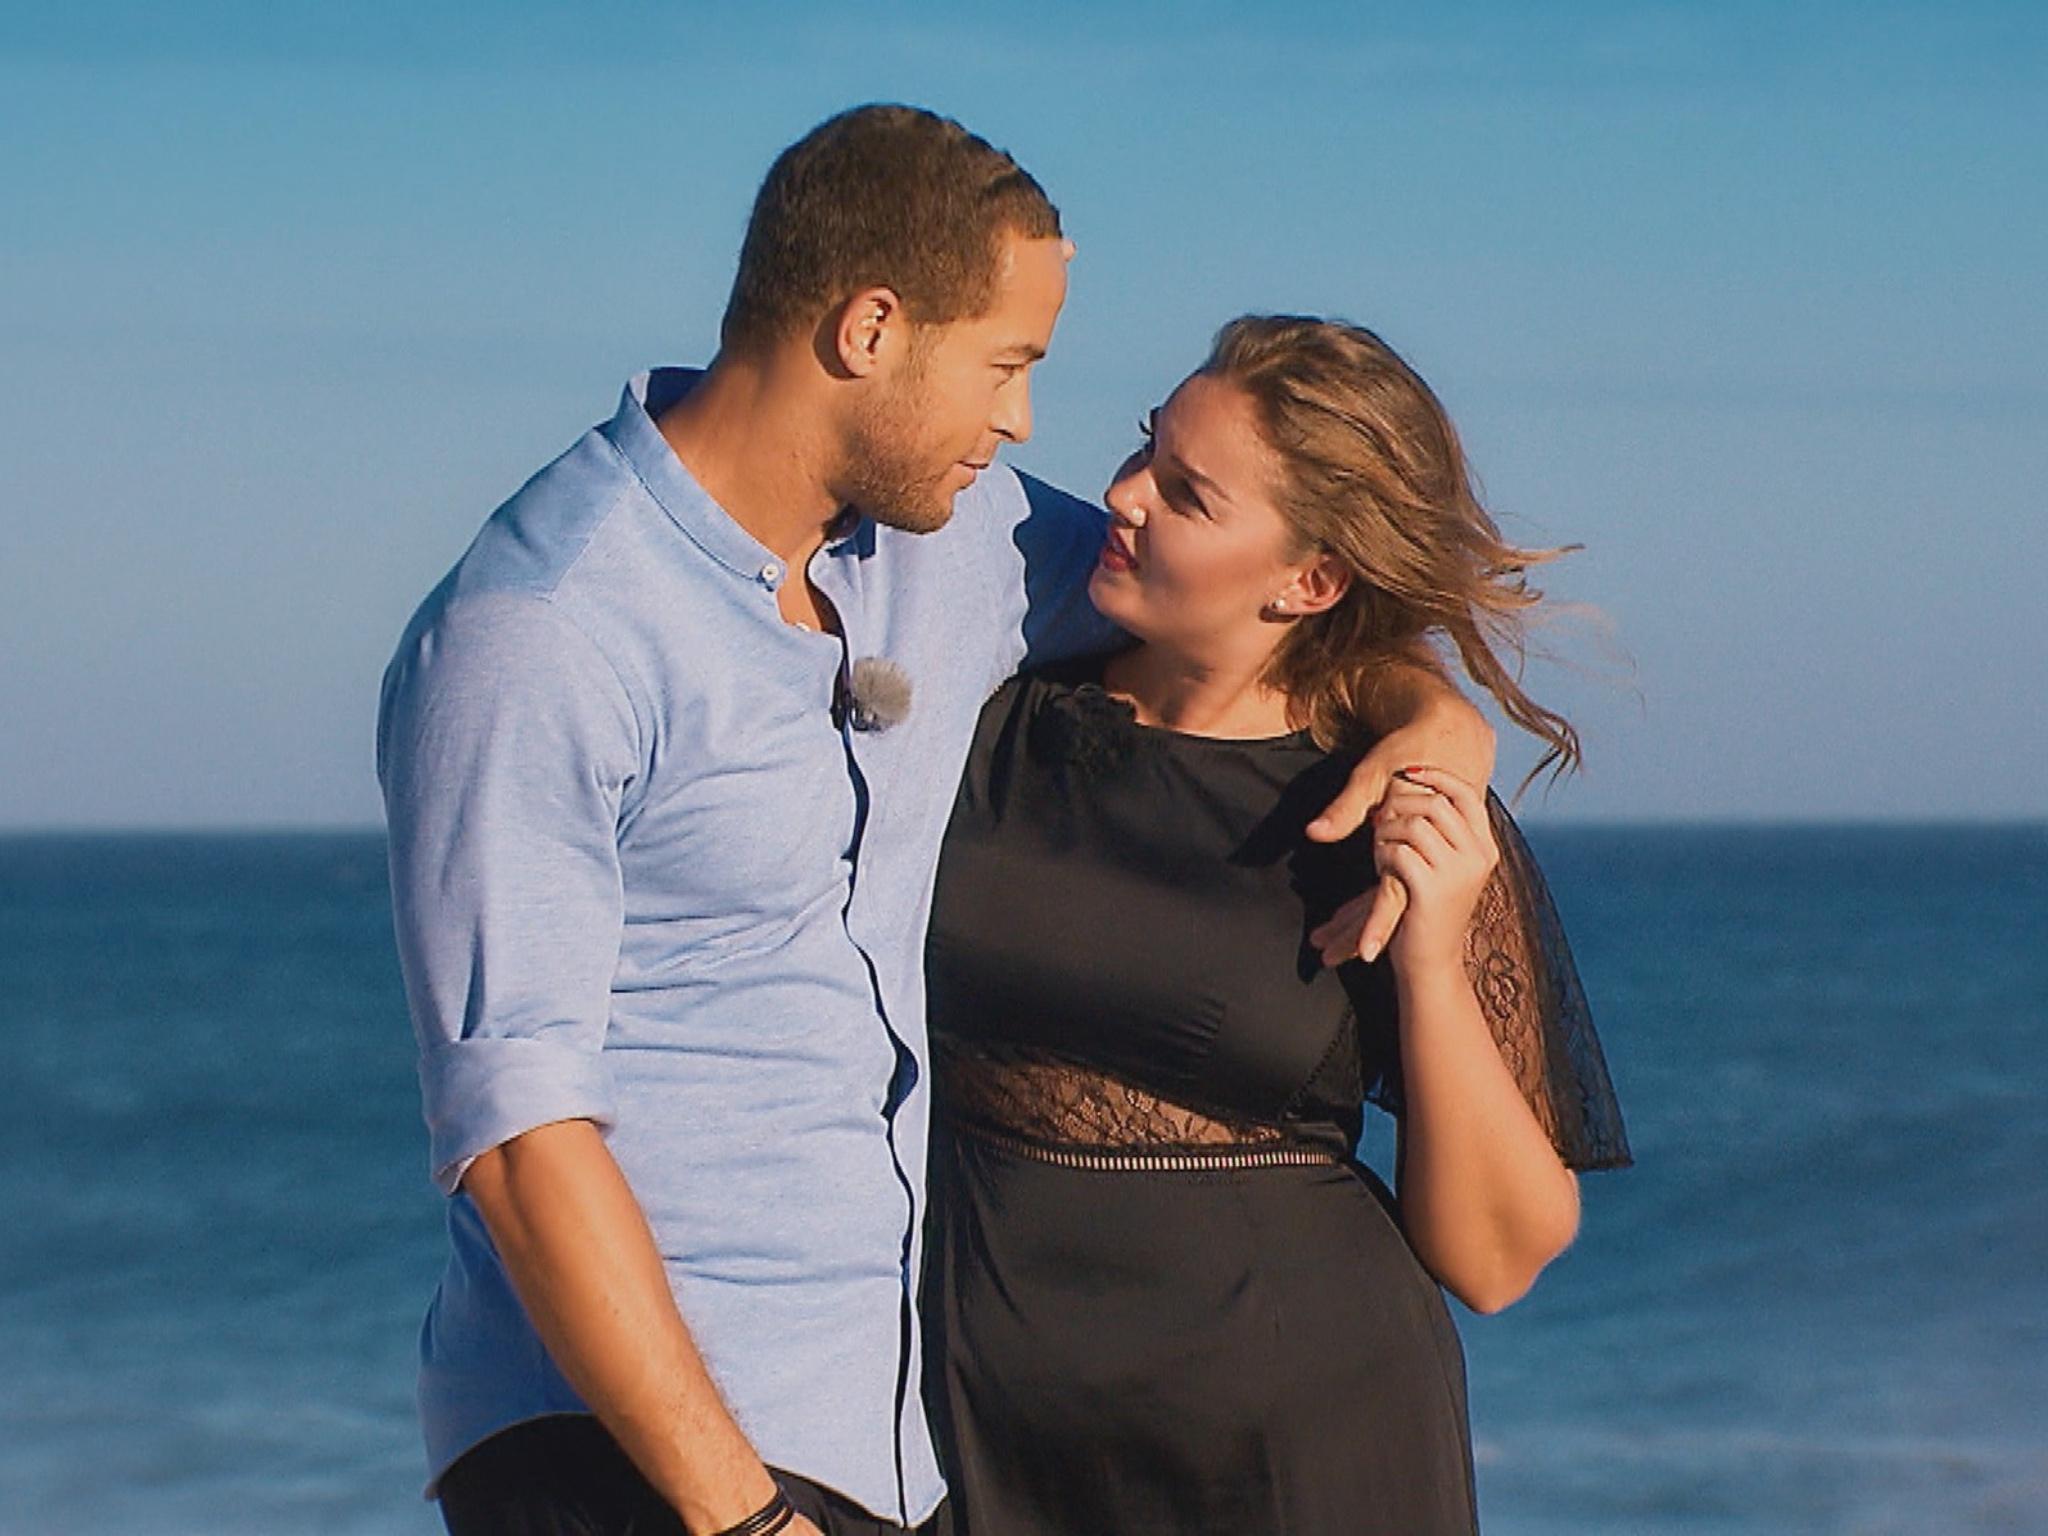 """Andrej und Ernestine bei einem romantischen Strandspaziergang. """"Alle Episoden von """"Der Bachelor"""" bei TVNOW: www.tvnow.de"""". Foto: MG RTL D"""